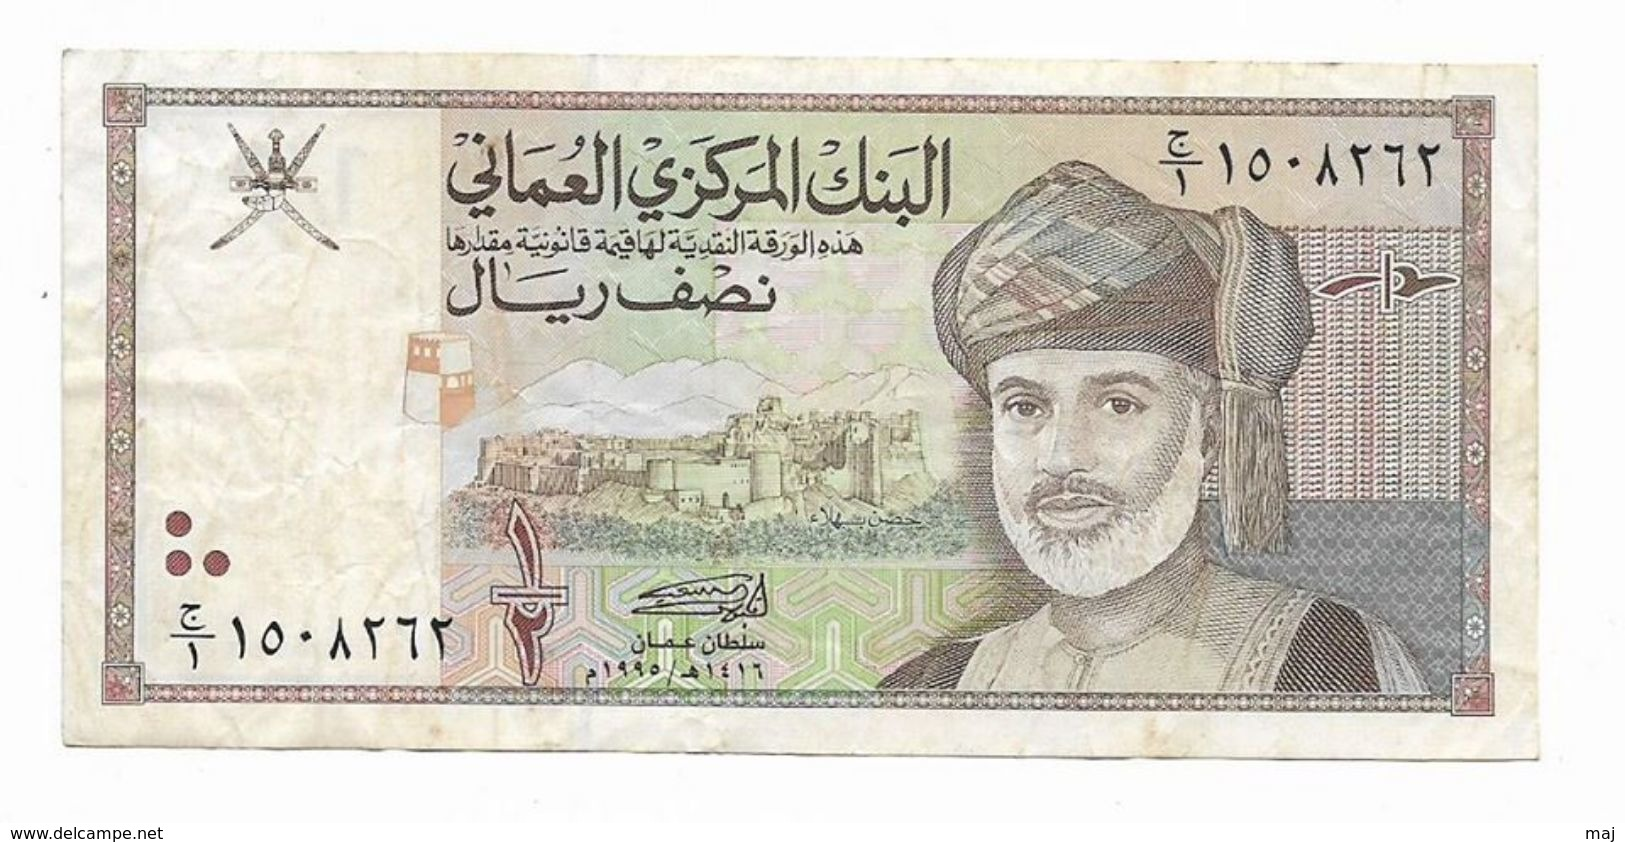 OMAN 1990 1/2 Half Rial Banknote. Very Fine Condition - Oman